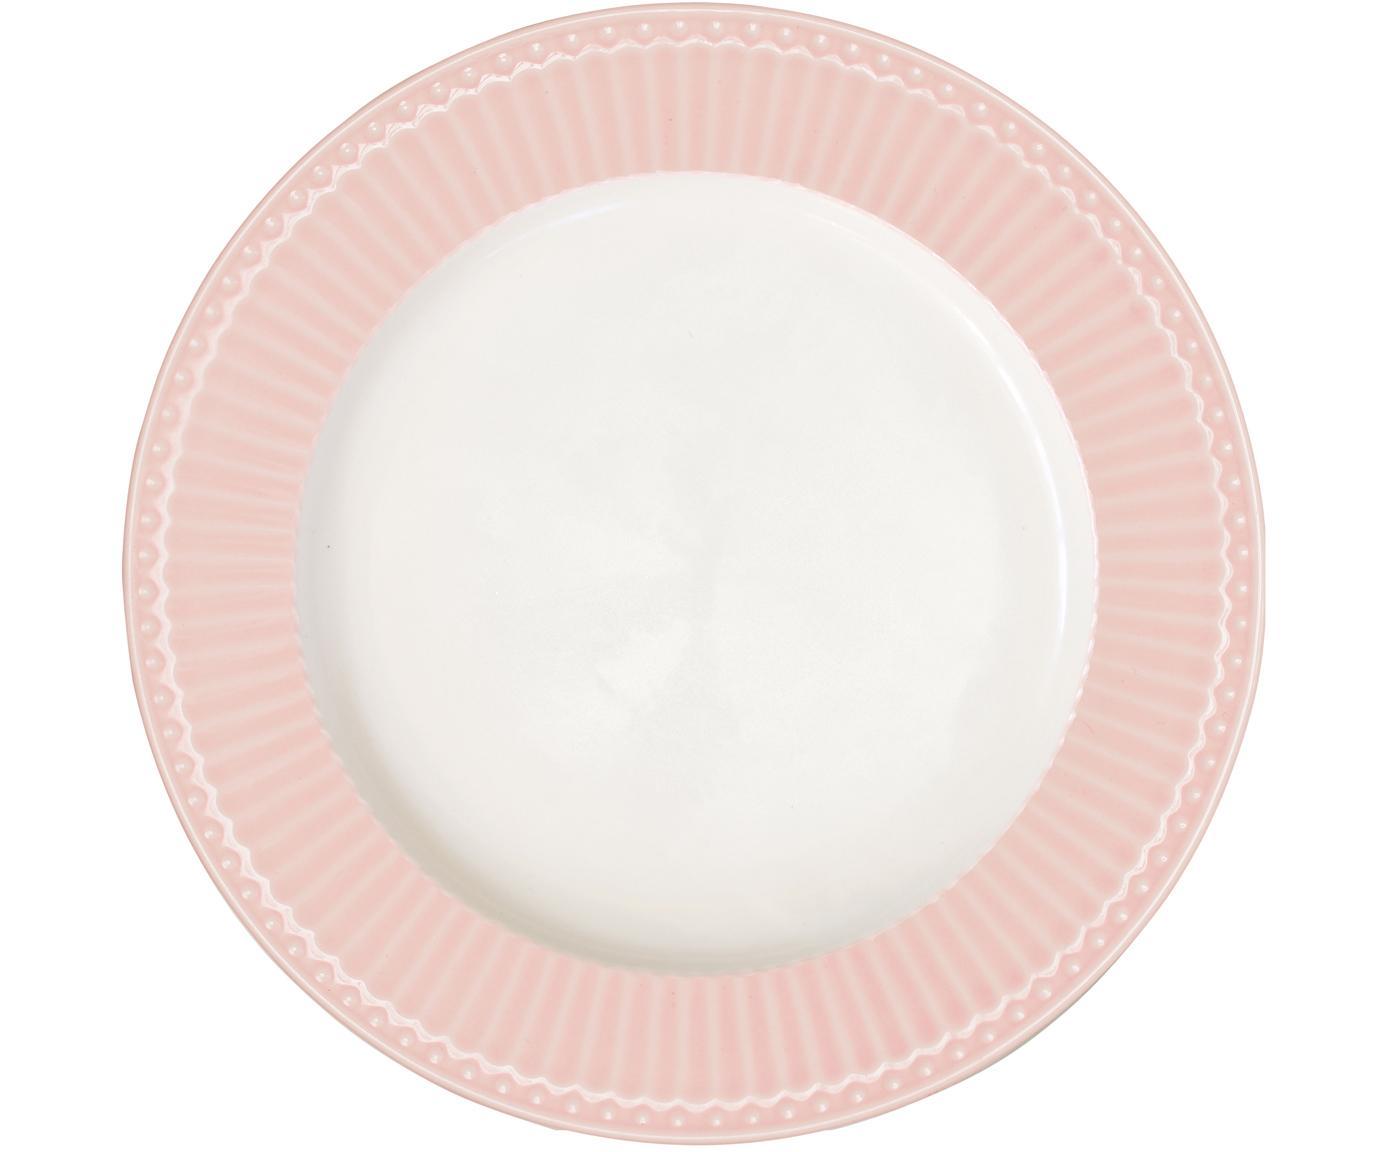 Platos llanos Alice, 2uds., Porcelana, Rosa, blanco, Ø 27 cm